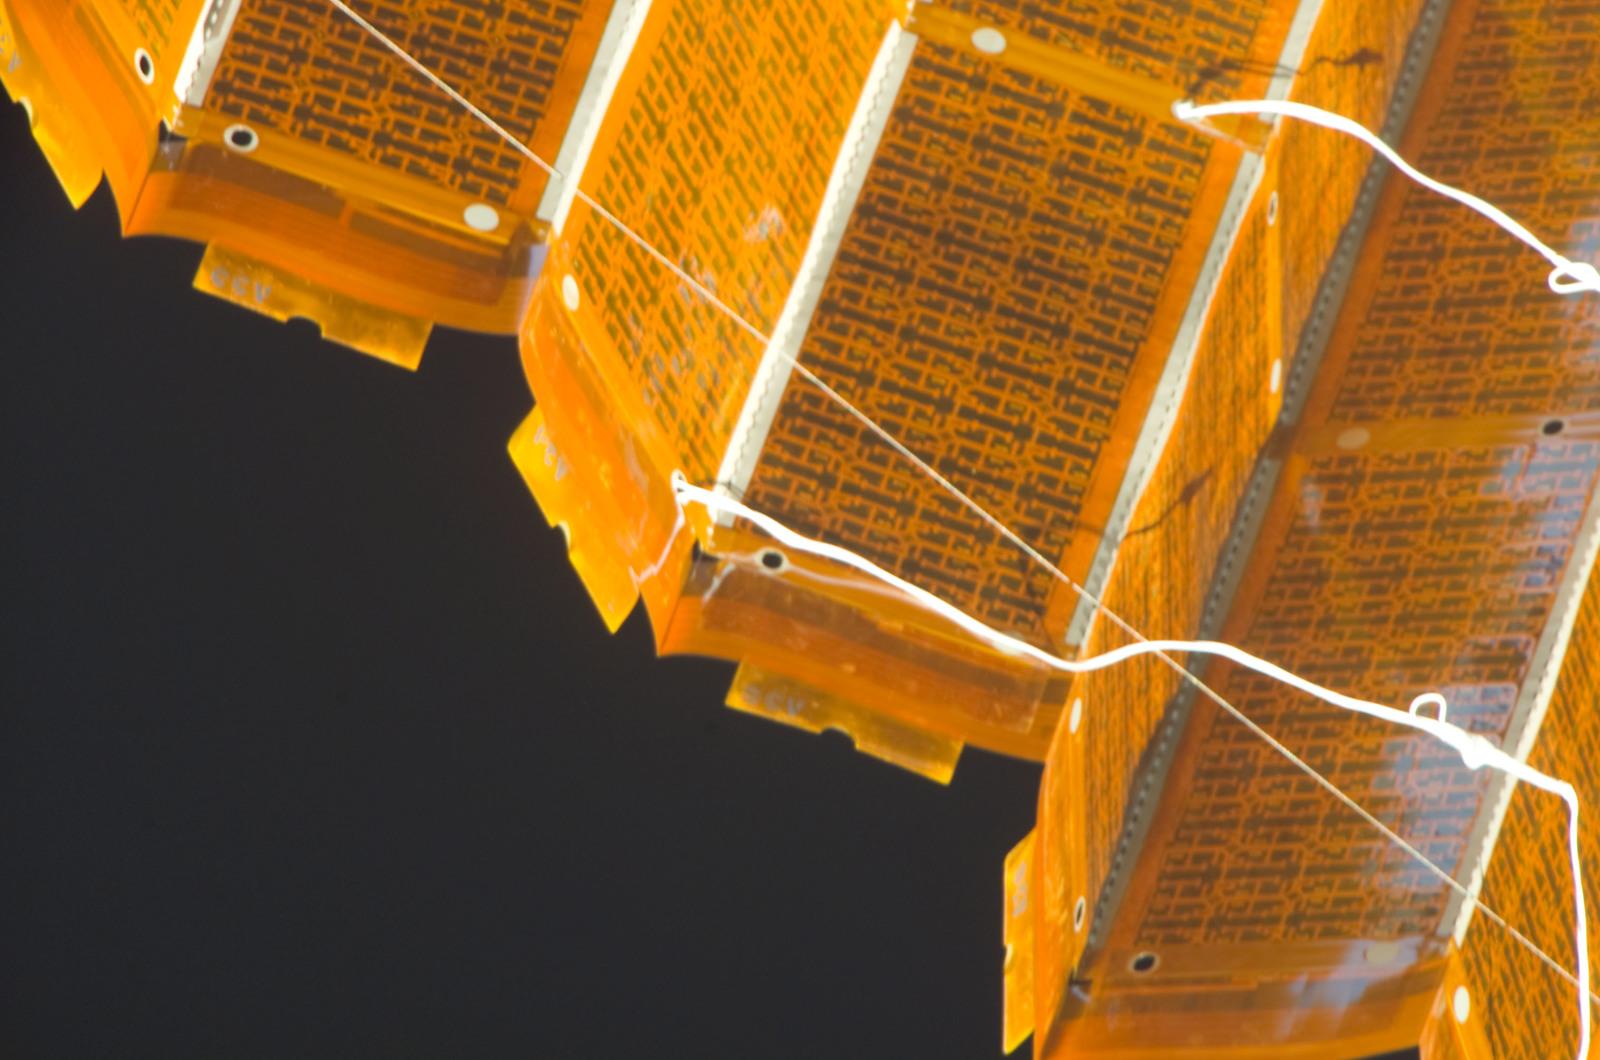 S120E008423 - STS-120 - EVA 4 - P6 4B solar array